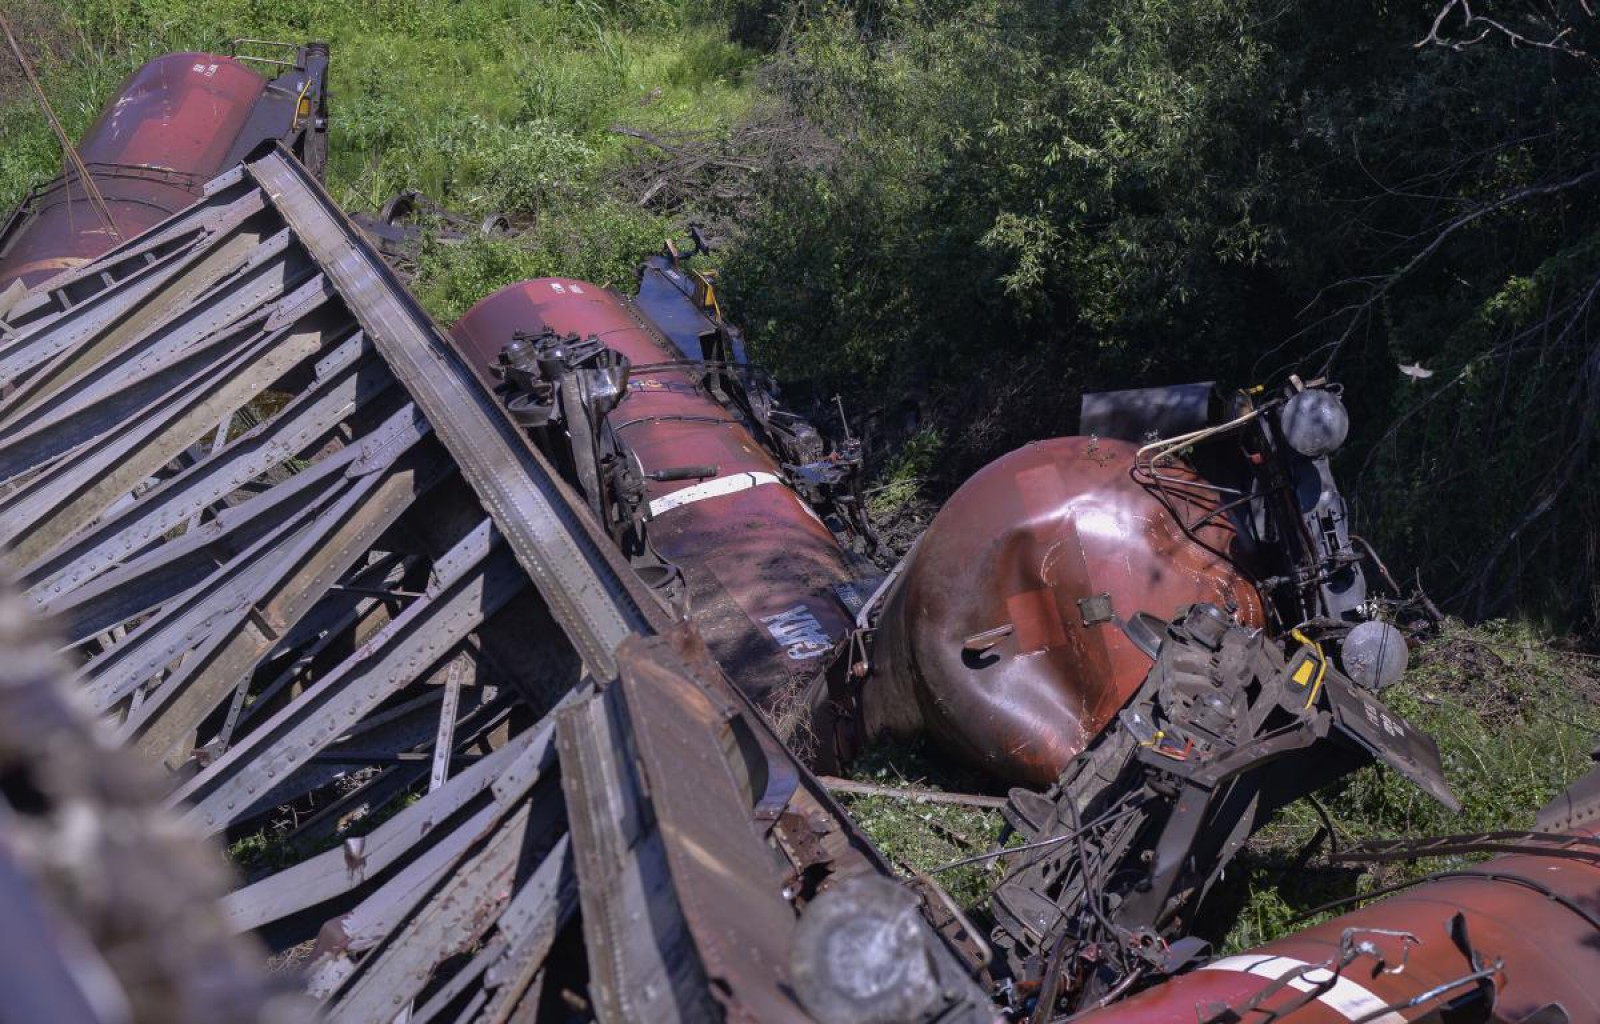 (foto) România: 7 vagoane ale unui tren de marfă au căzut în gol după ce un viaduct s-a rupt. Mecanicul era beat în momentul în are a intrat cu garnitura pe tronsonul dezafectat